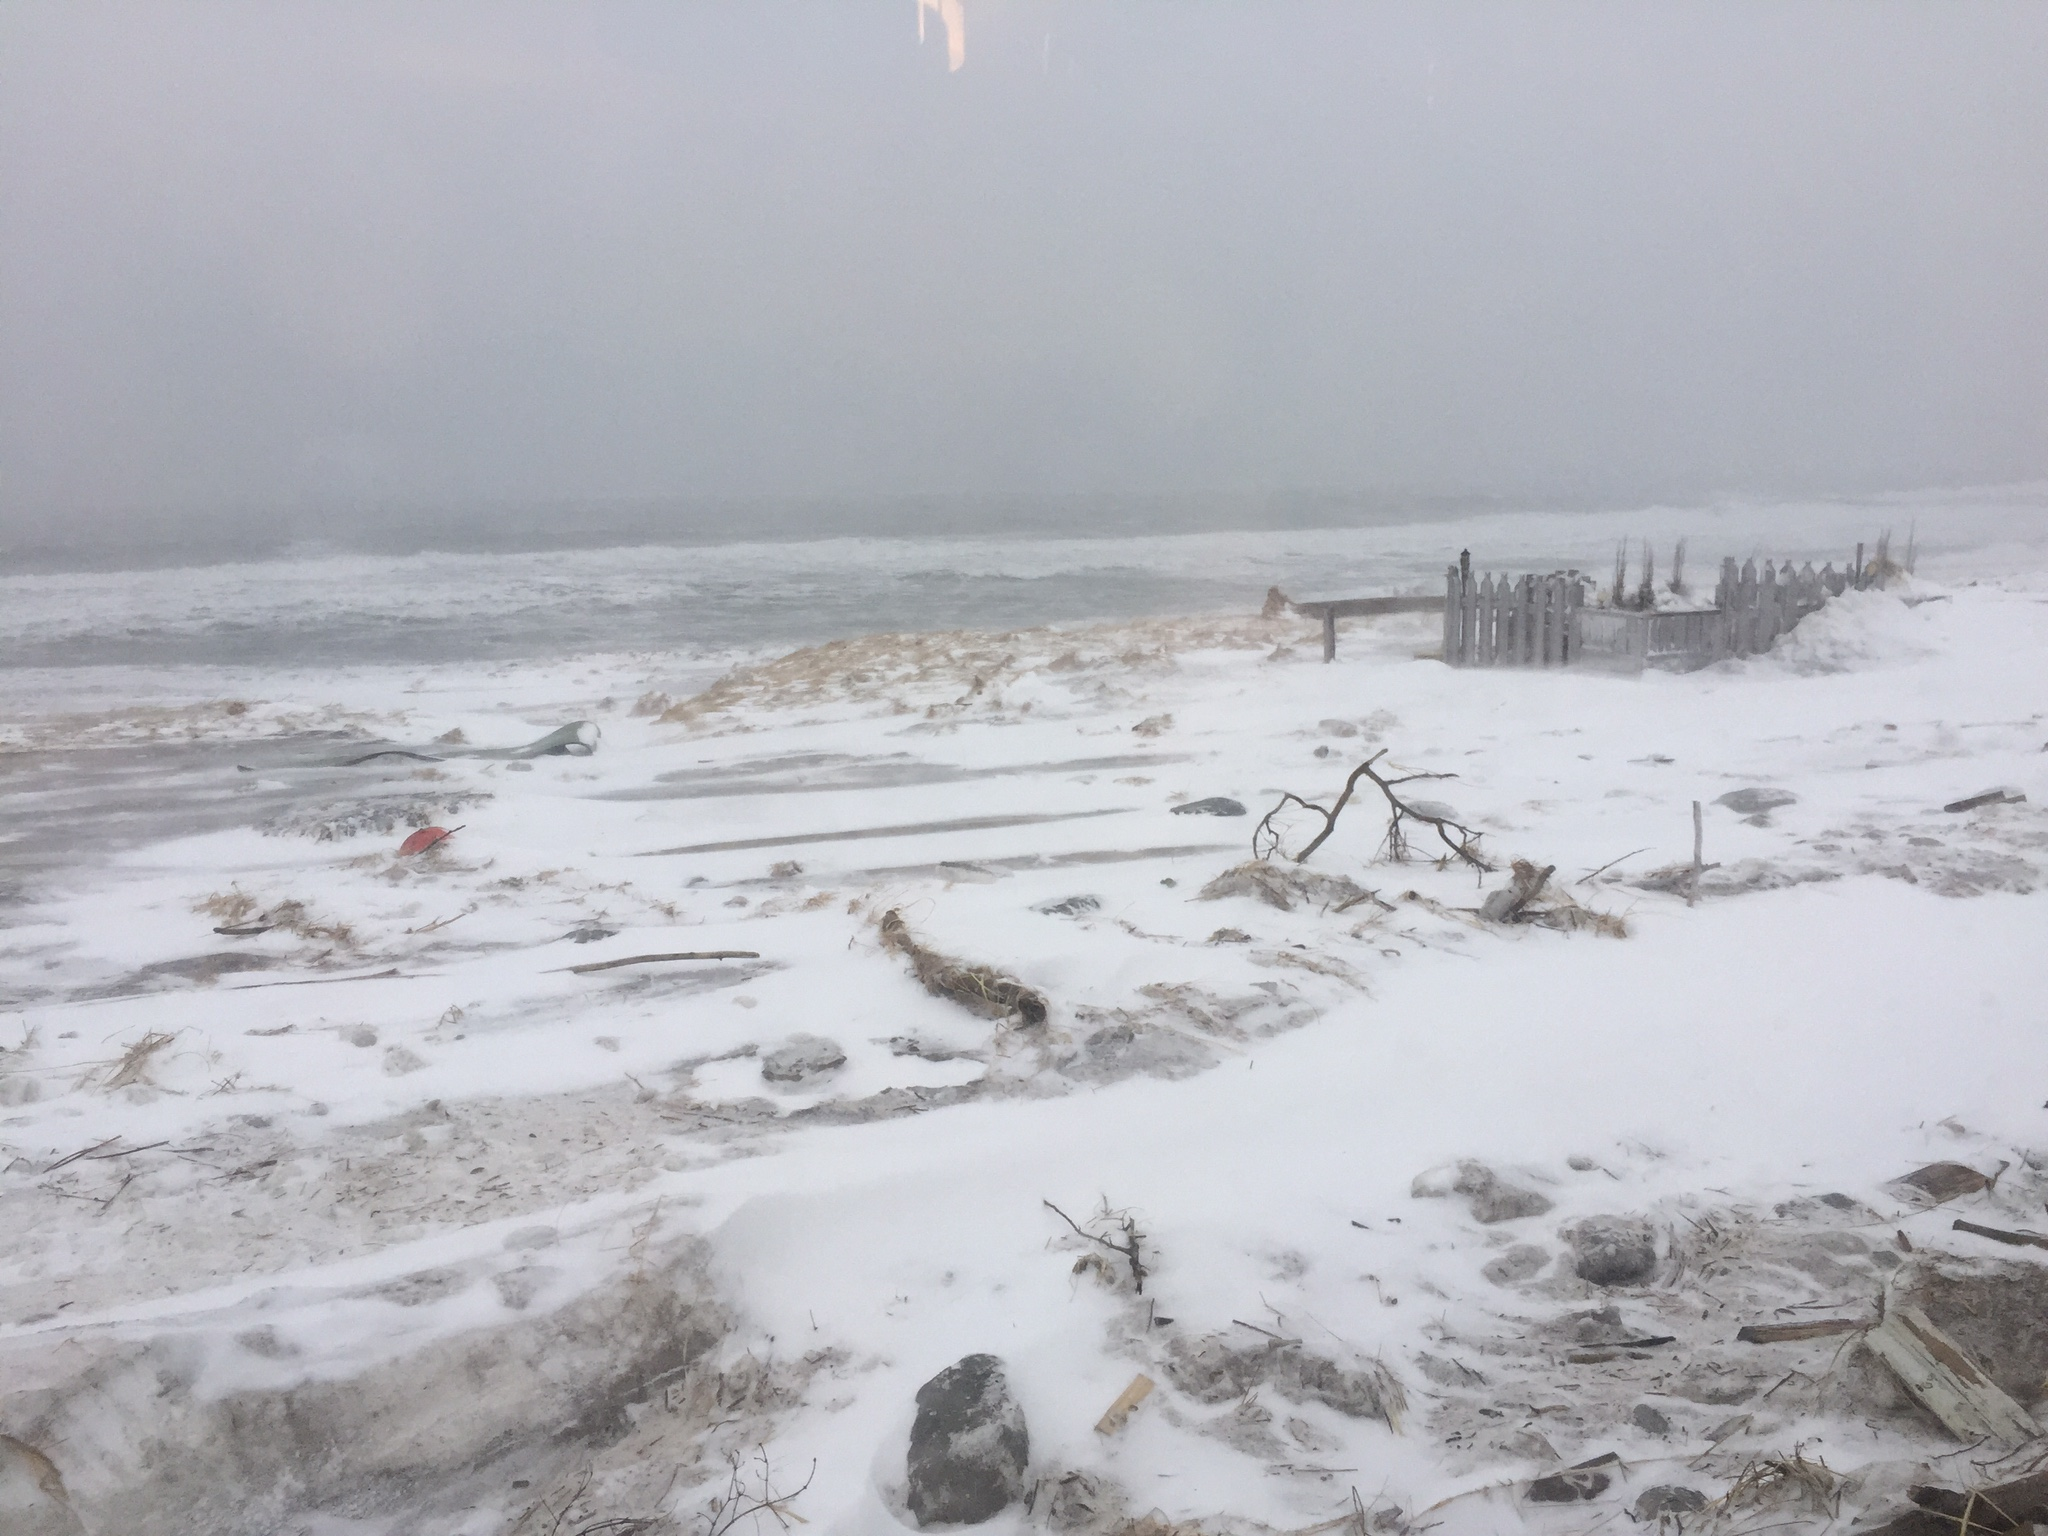 La 138 entre Sept-Îles et Port-Cartier demeure fermée – Des mesures sont mises en place